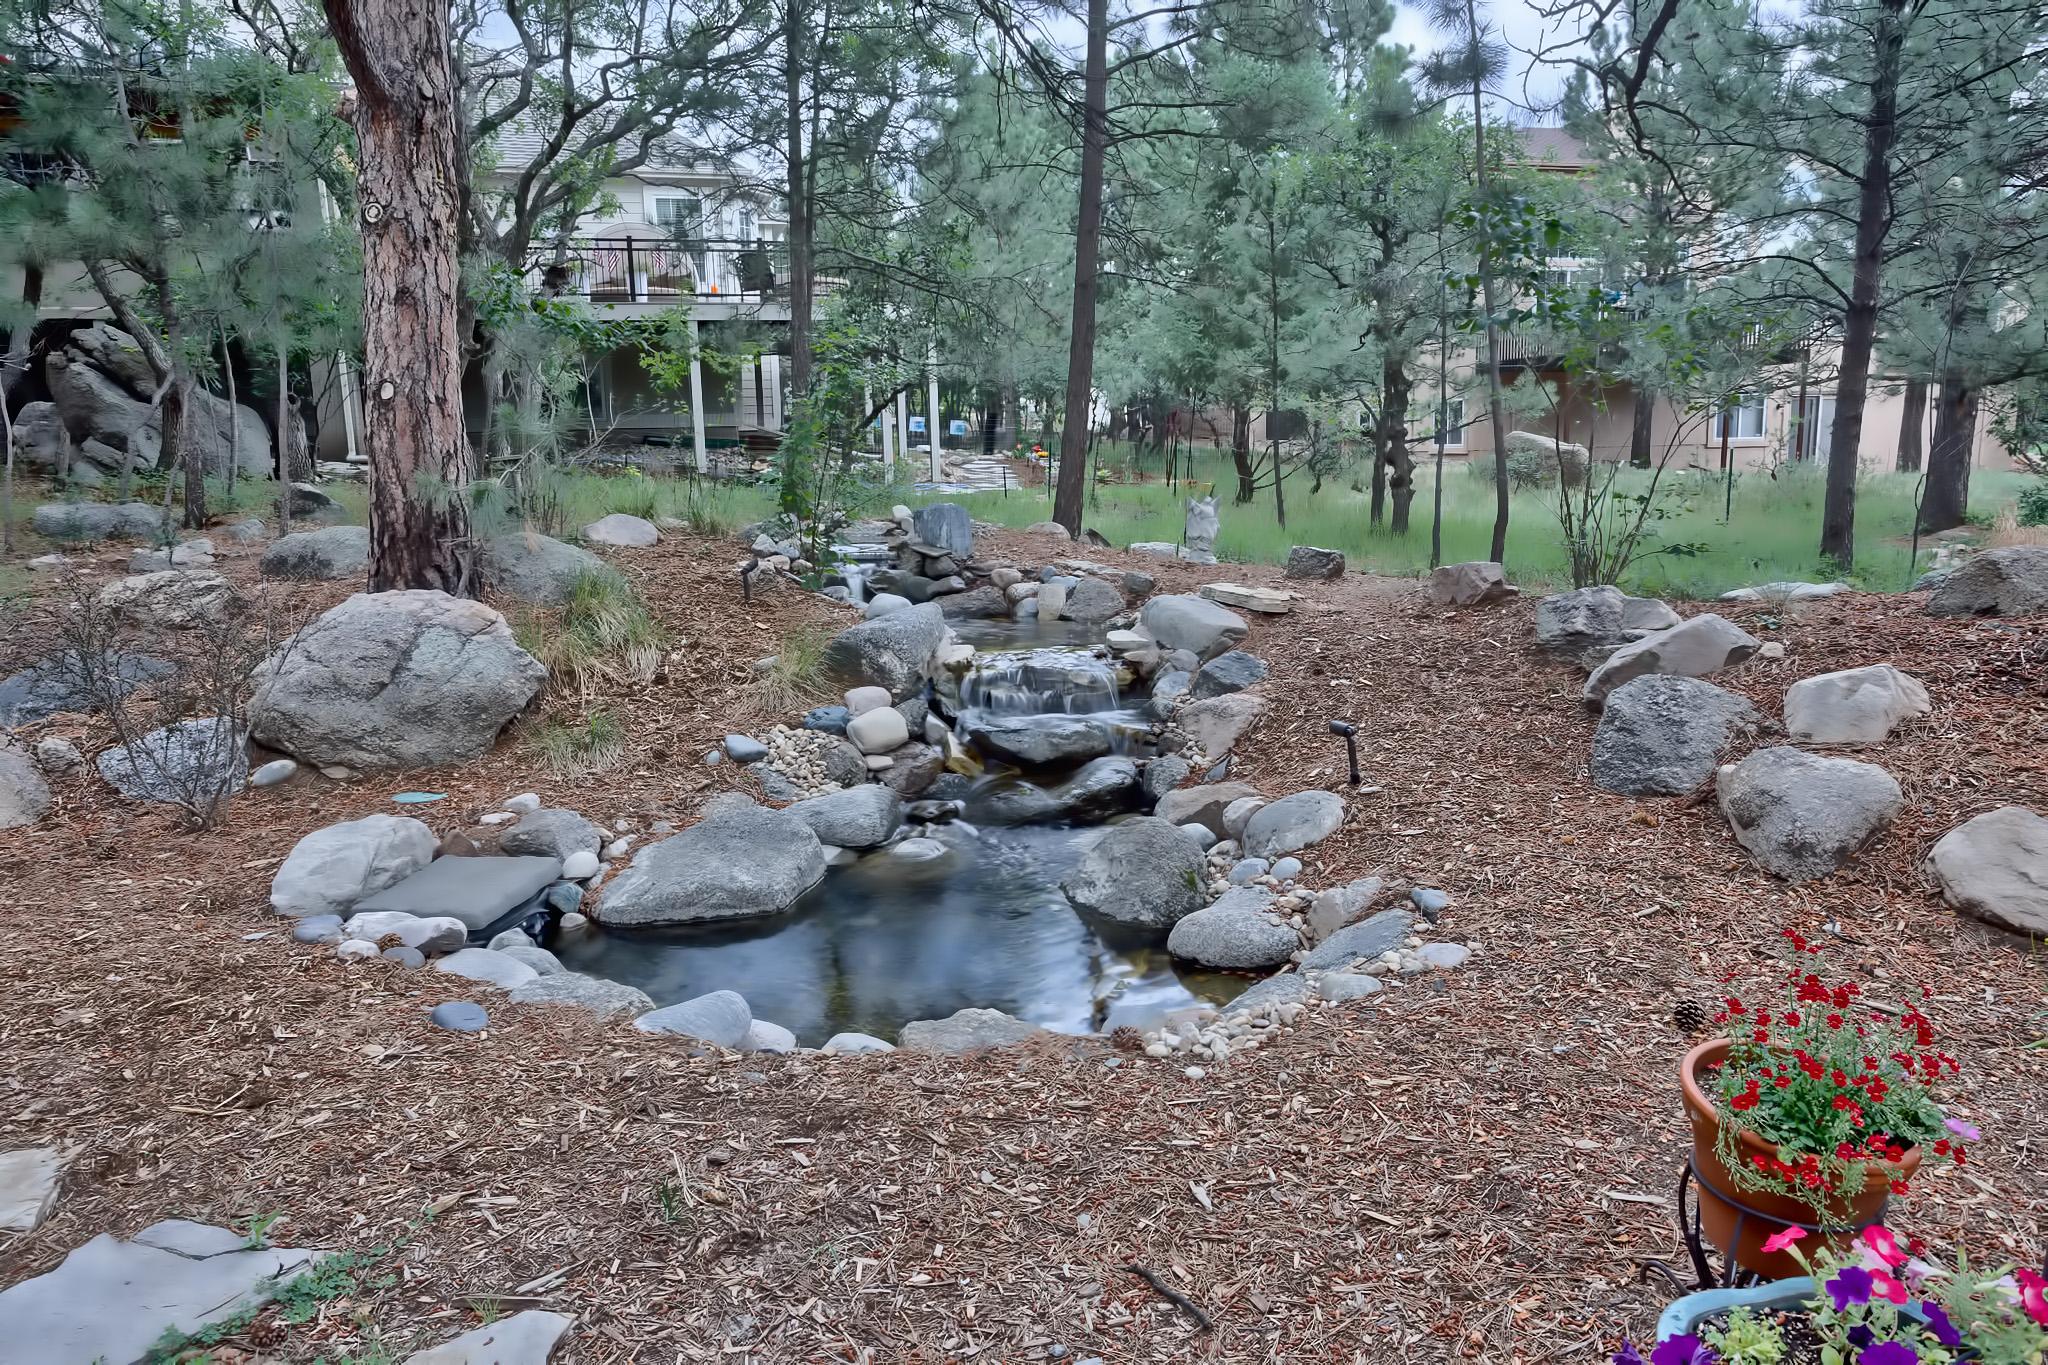 Boulders Broadmoor real estate Broadmoor Colorado Springs CO